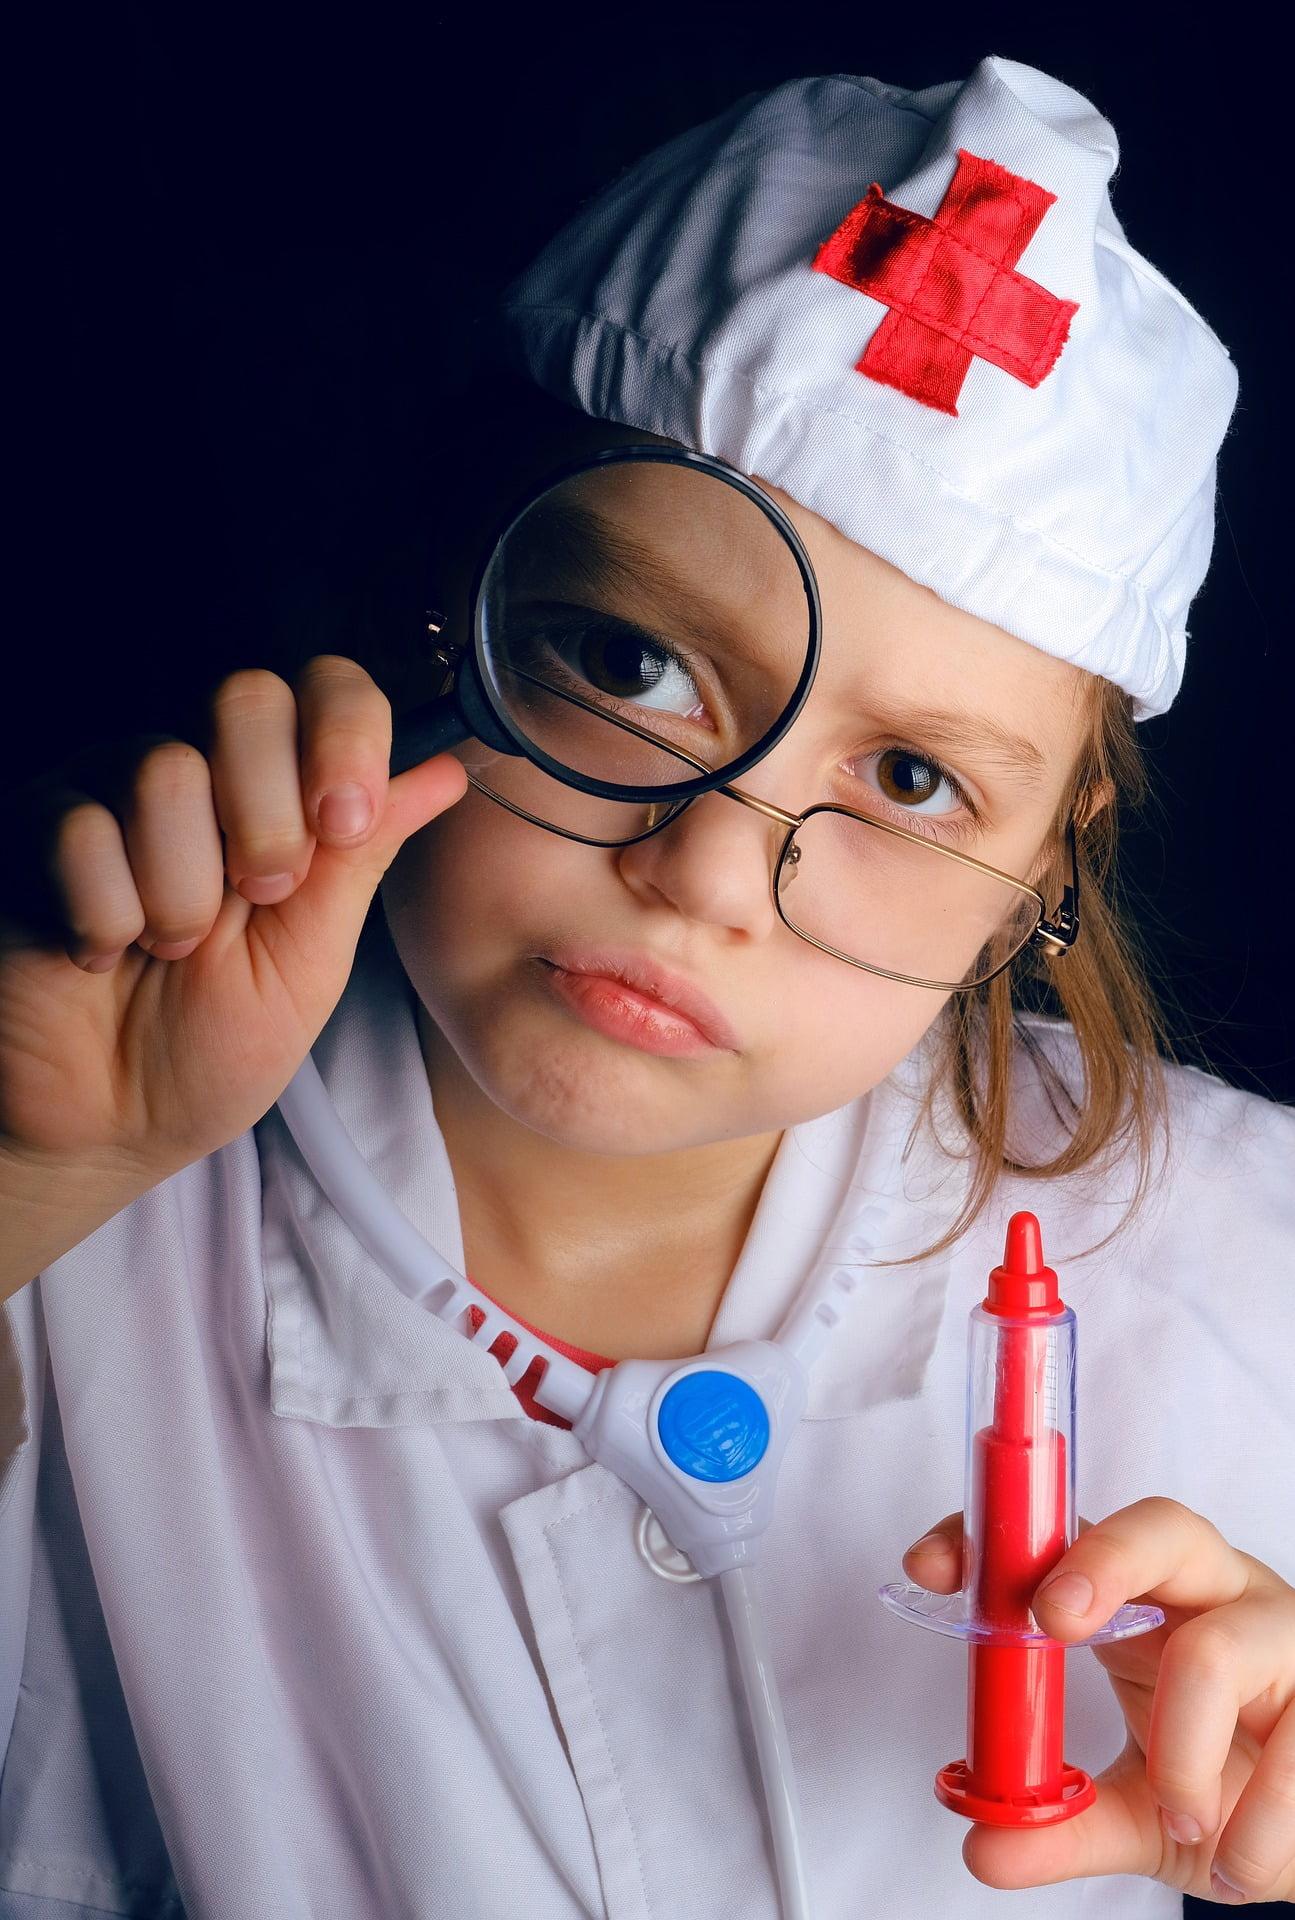 Cu cât semnele diabetului la copii sunt mai repede observate, cu atât mai repede va fi instituit tratamentul.